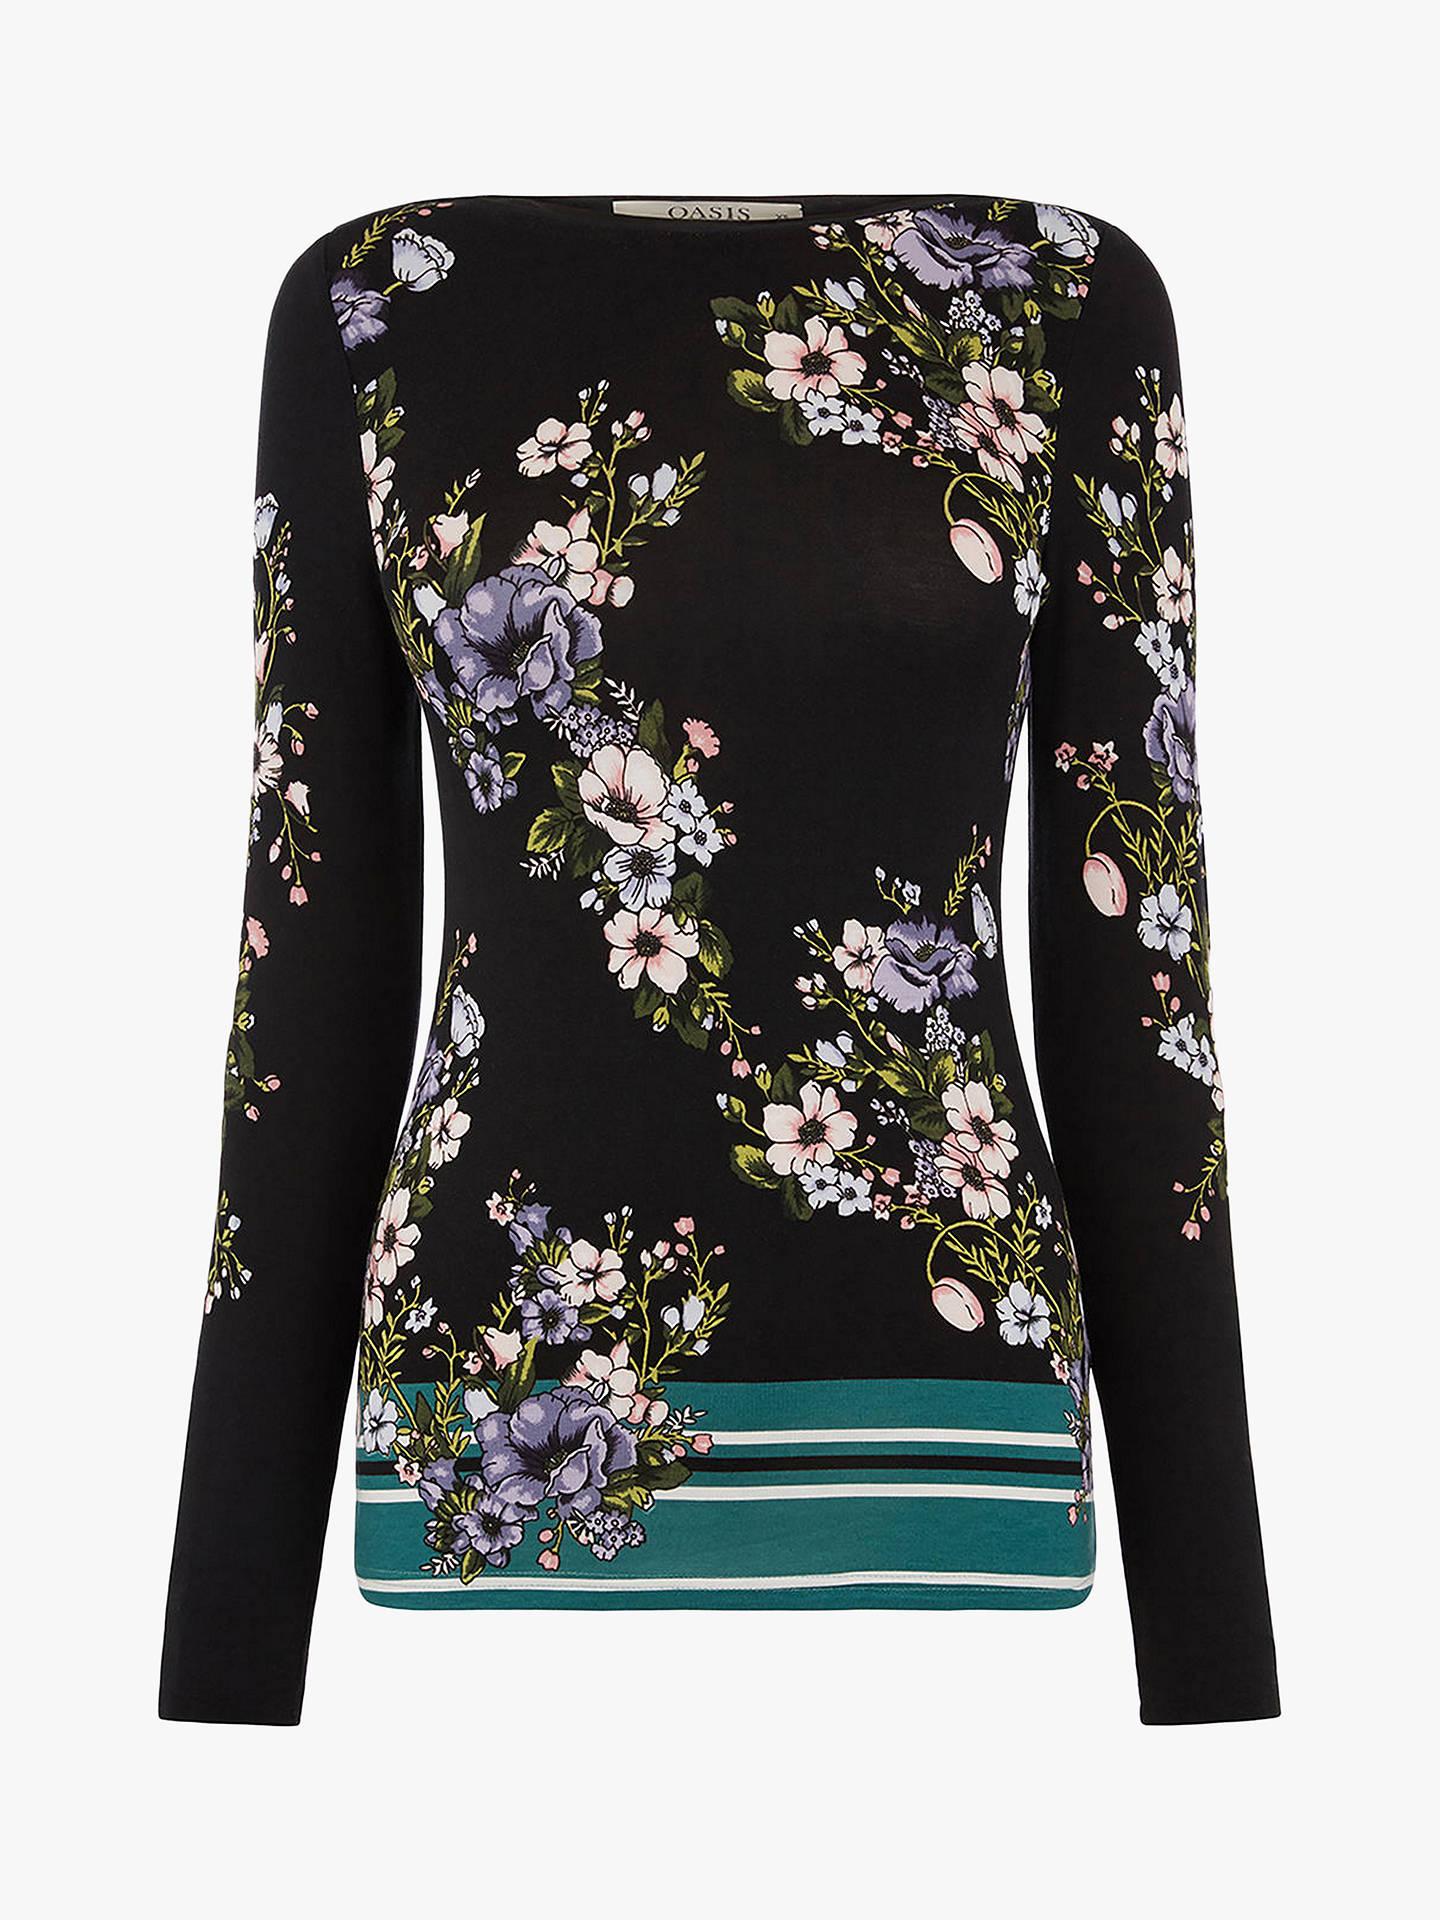 adec439dcf99 ... Buy Oasis Frieda Long Sleeve Top, Black Multi, S Online at  johnlewis.com ...